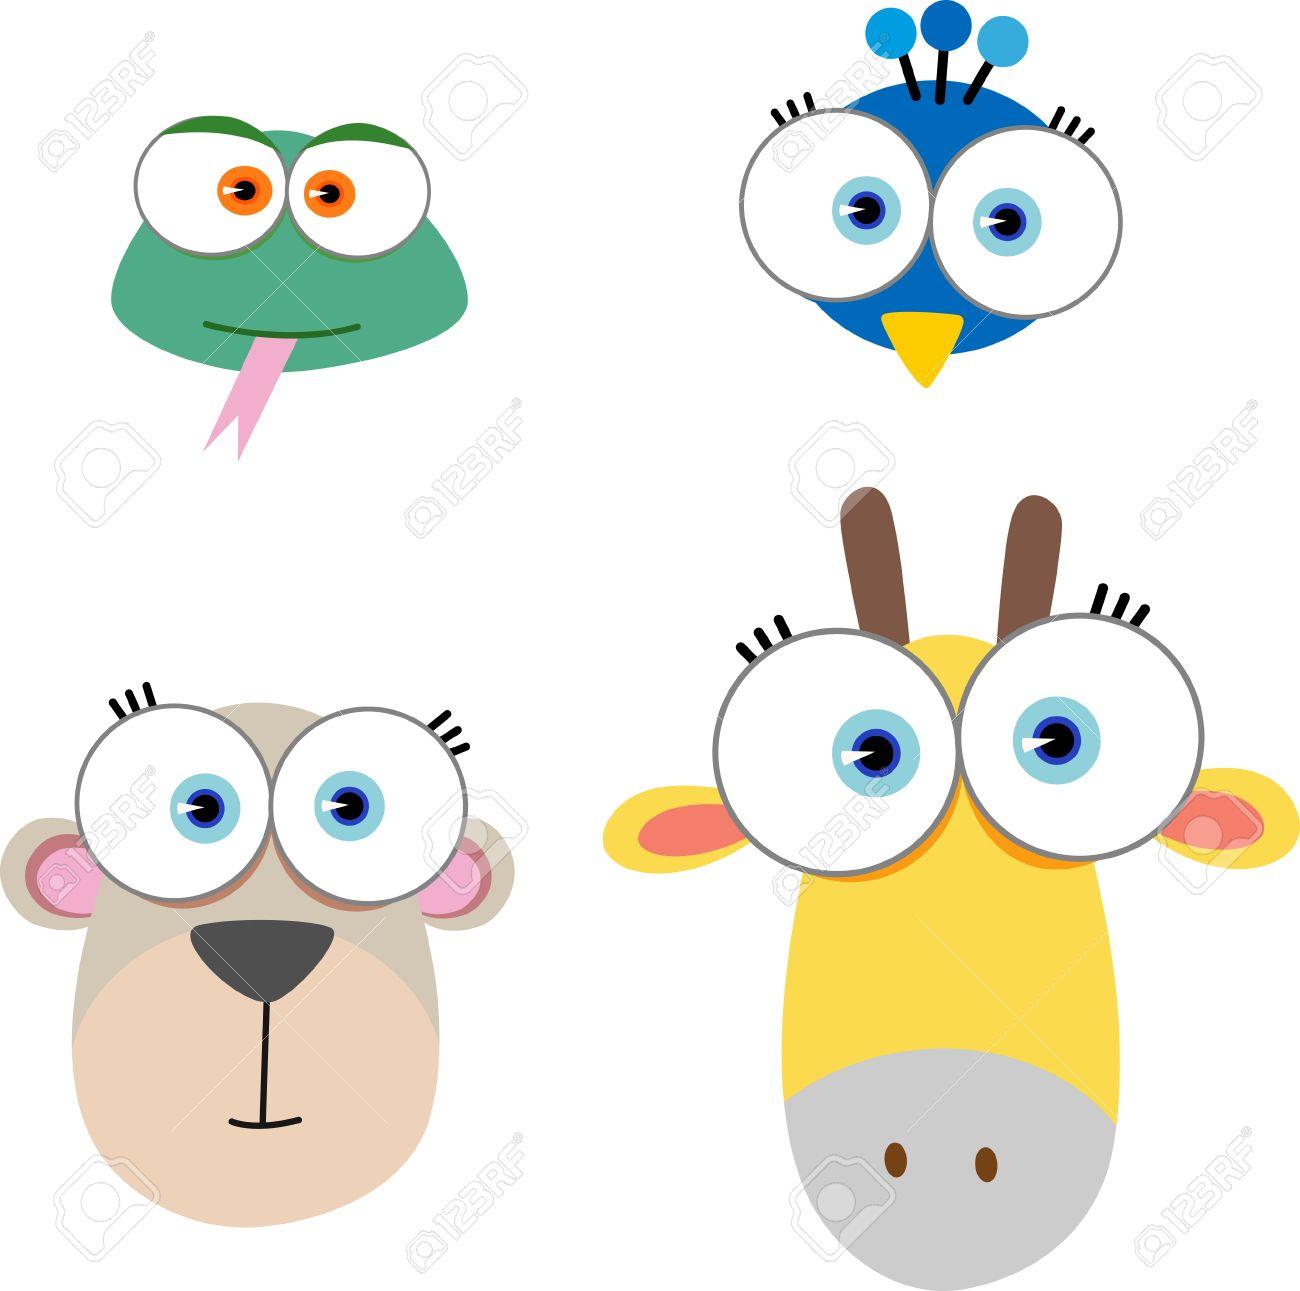 大きな目を持つ動物顔の漫画イラスト ロイヤリティフリークリップアート